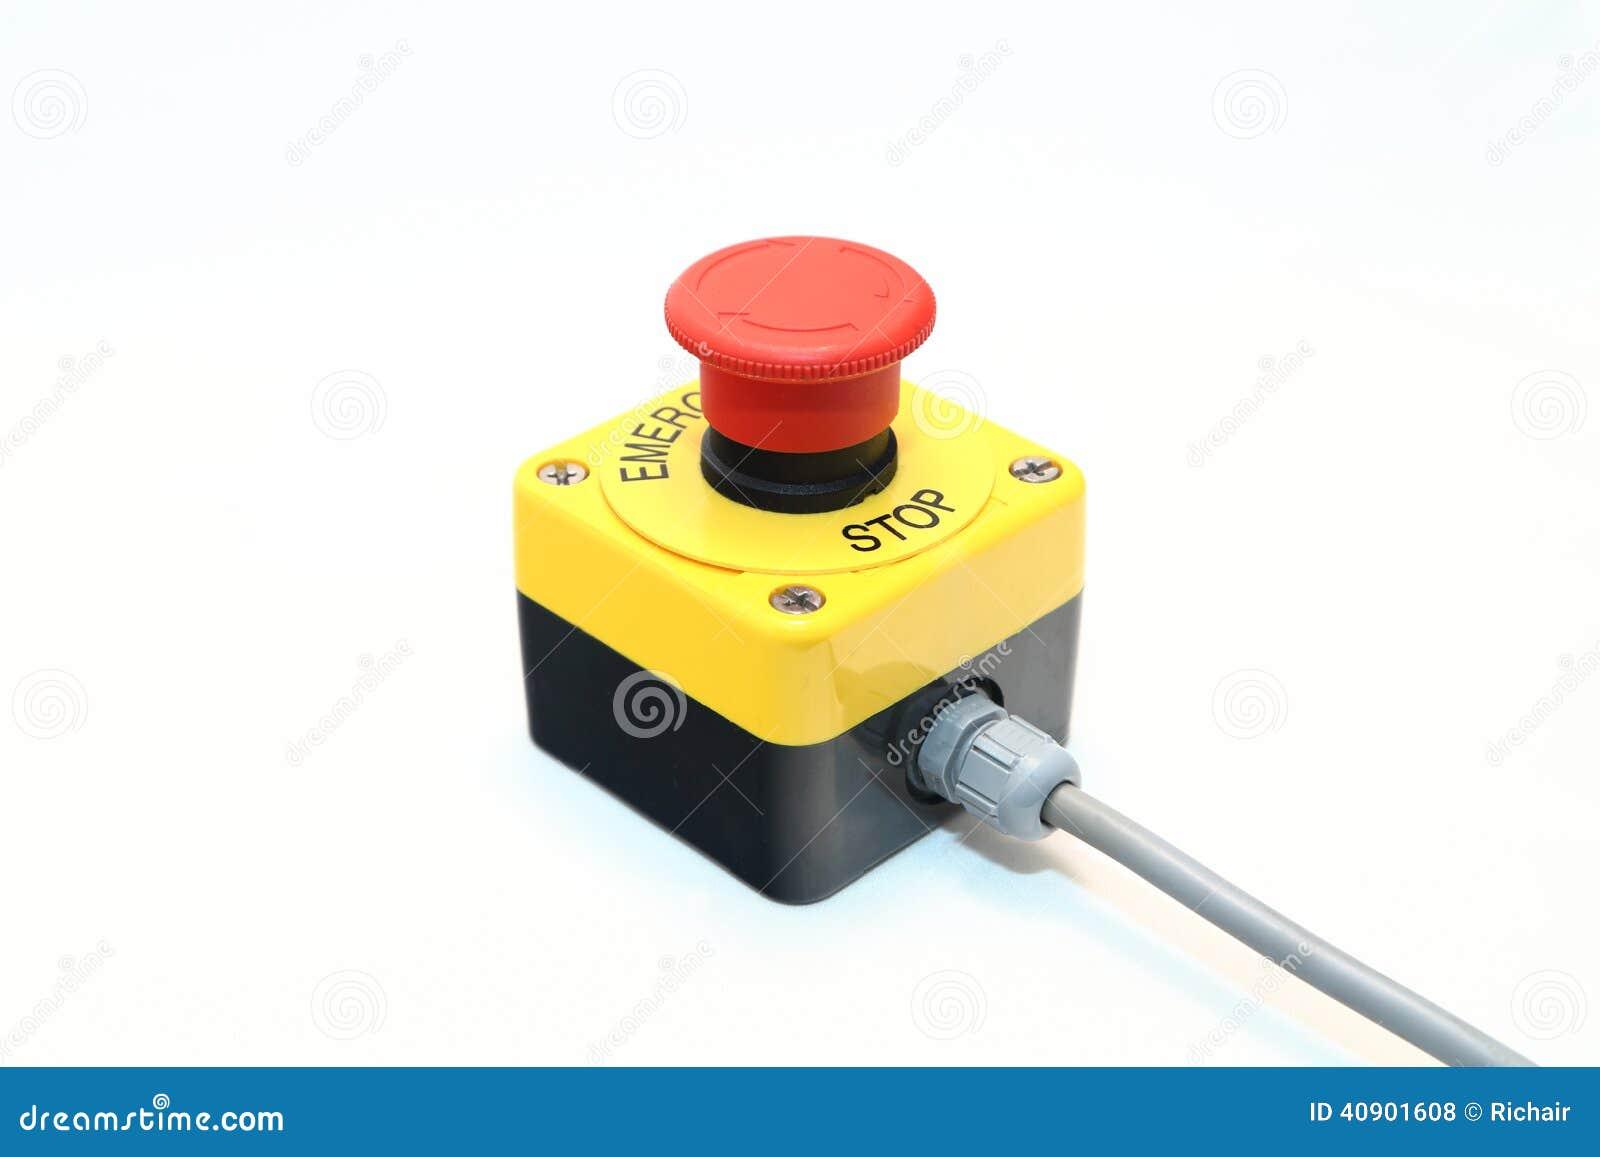 Bouton d 39 arr t d 39 urgence photo stock image 40901608 - Bouton arret d urgence ...